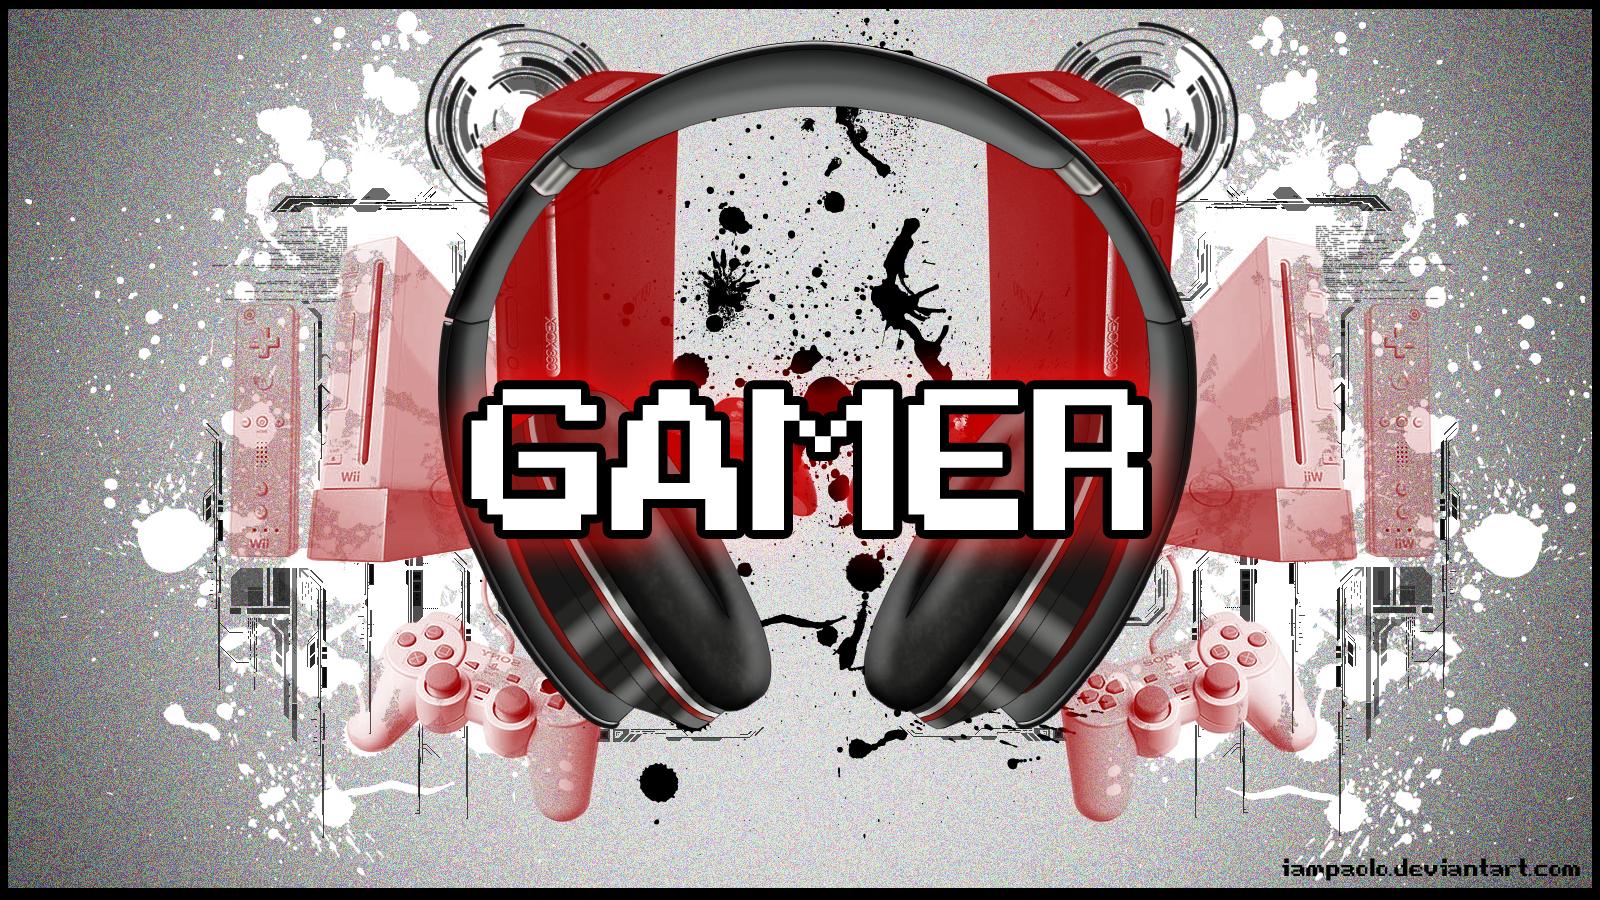 Am A Gamer Wallpaper I am a gamer w 1600x900